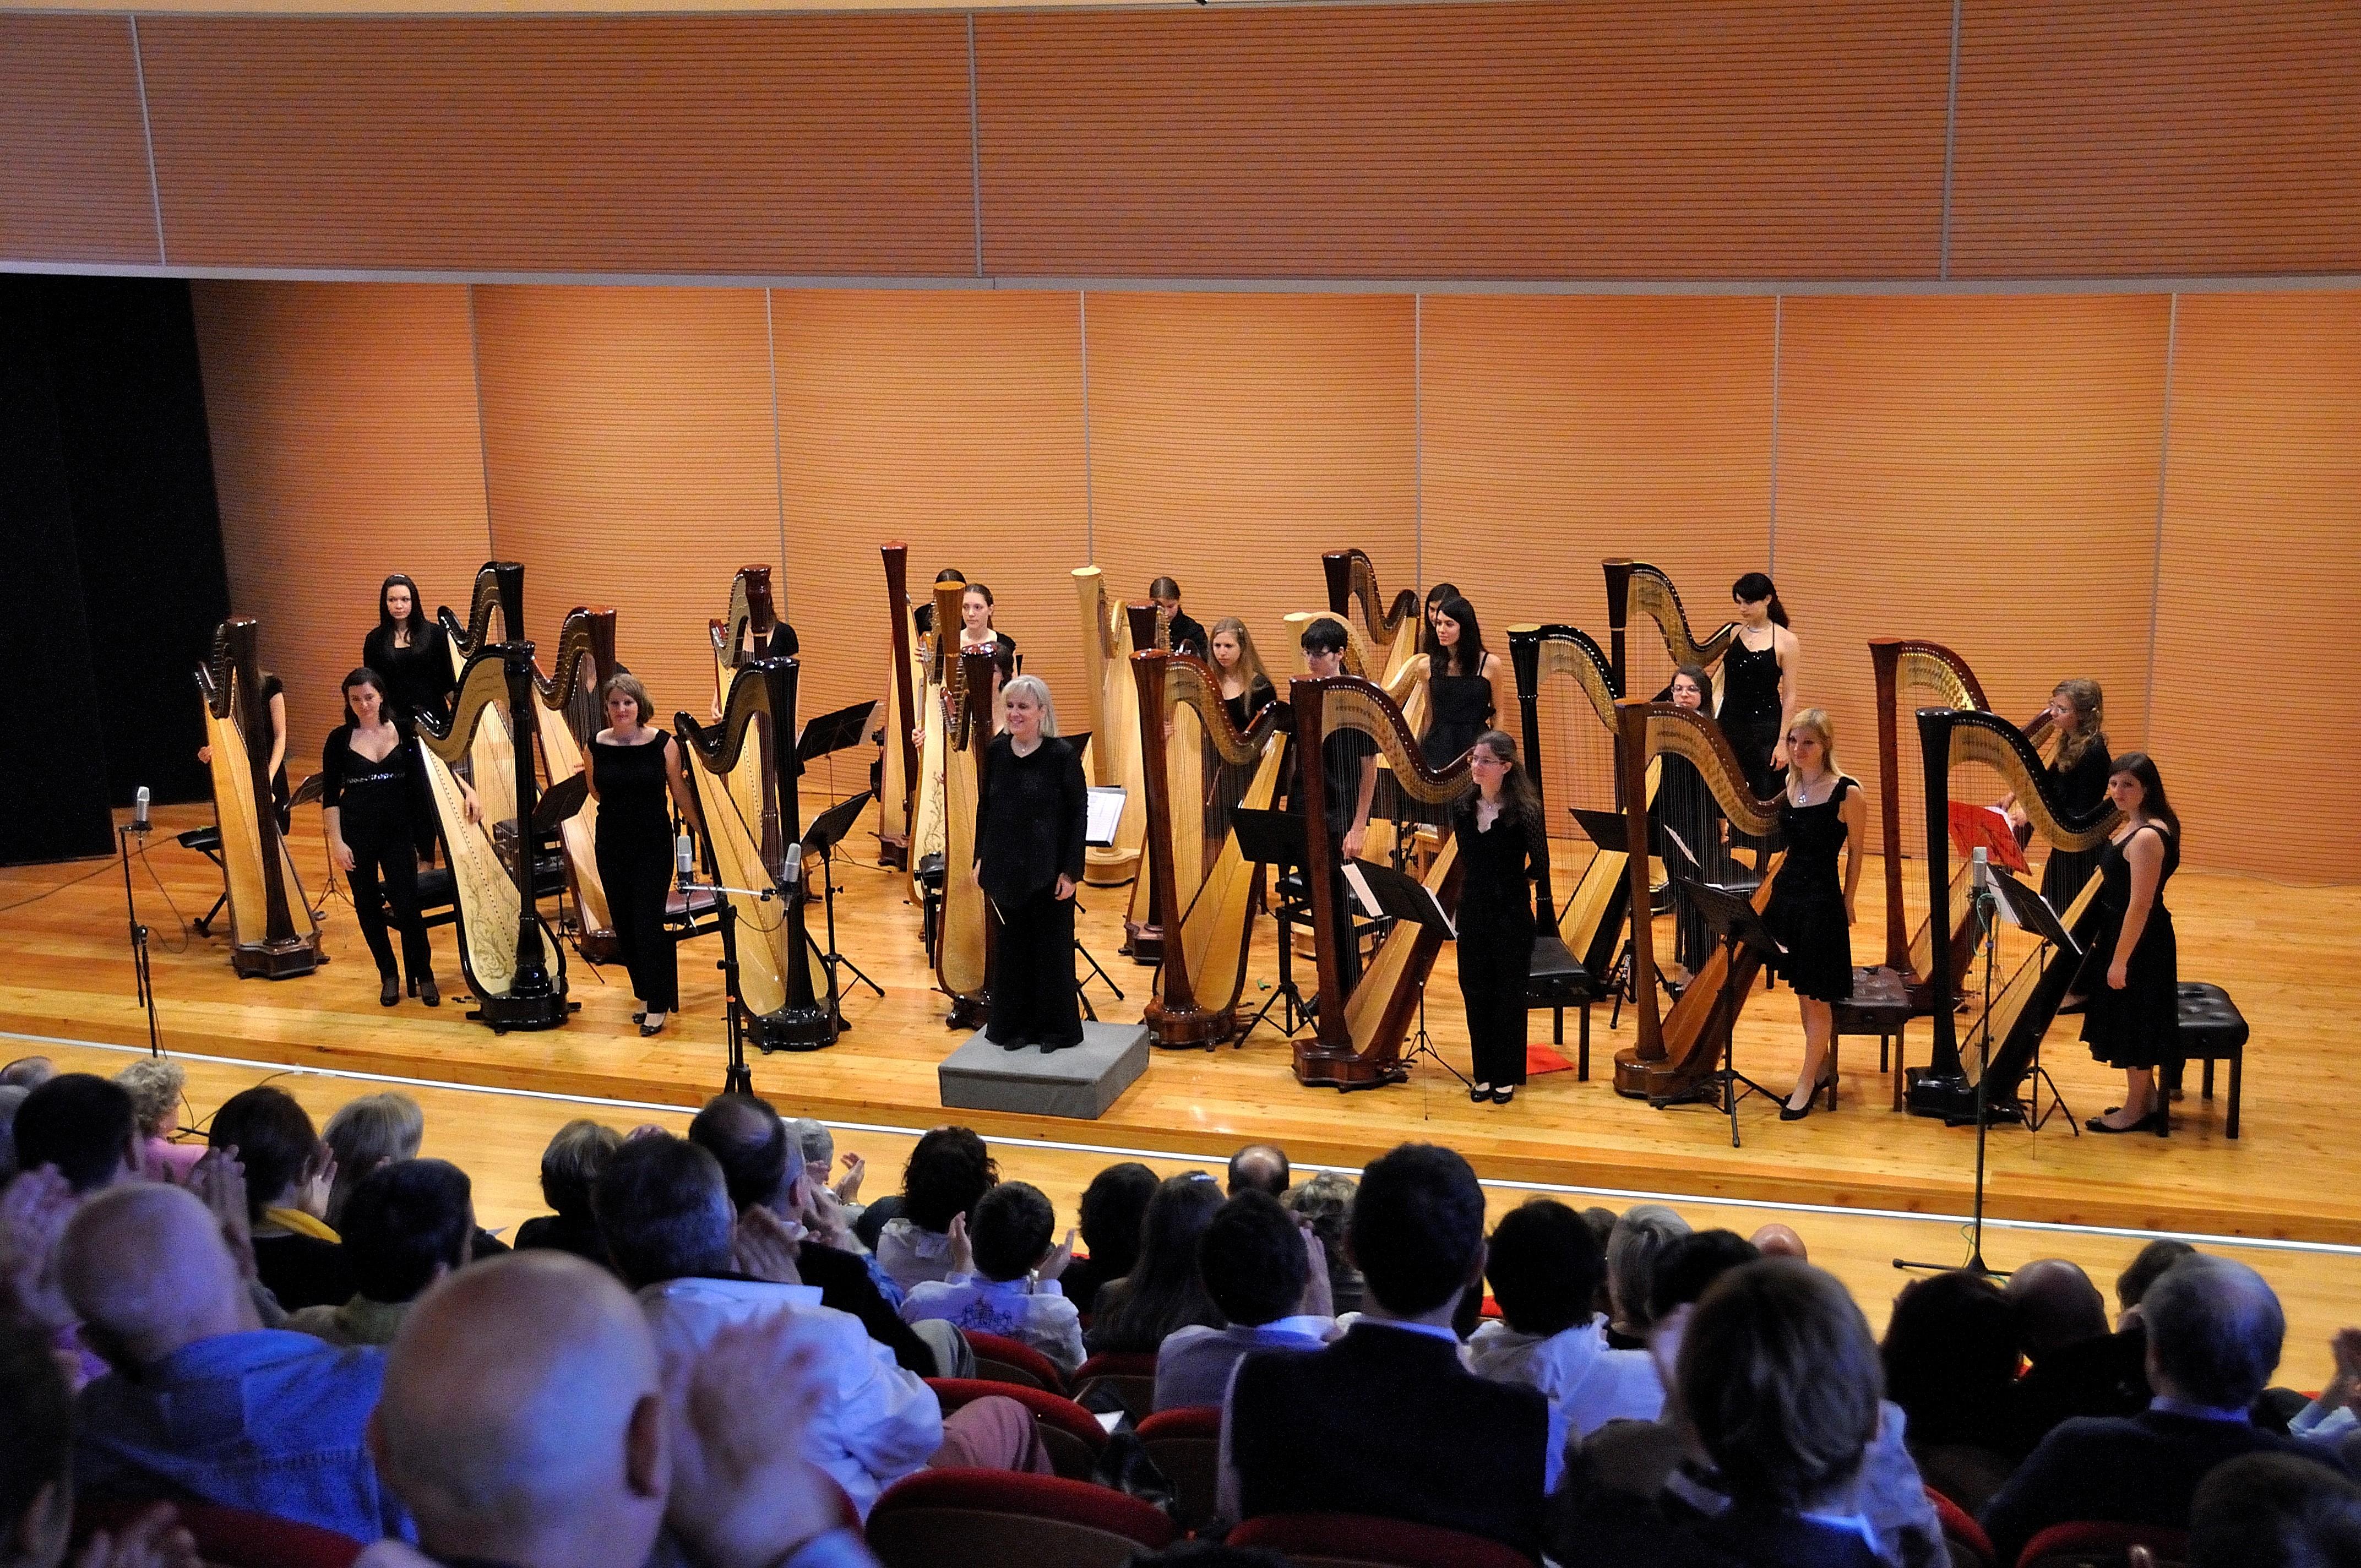 Orchestra Radio Zeta Calendario.Orchestra Ventaglio D Arpe Al Festival Suoni D Arpa